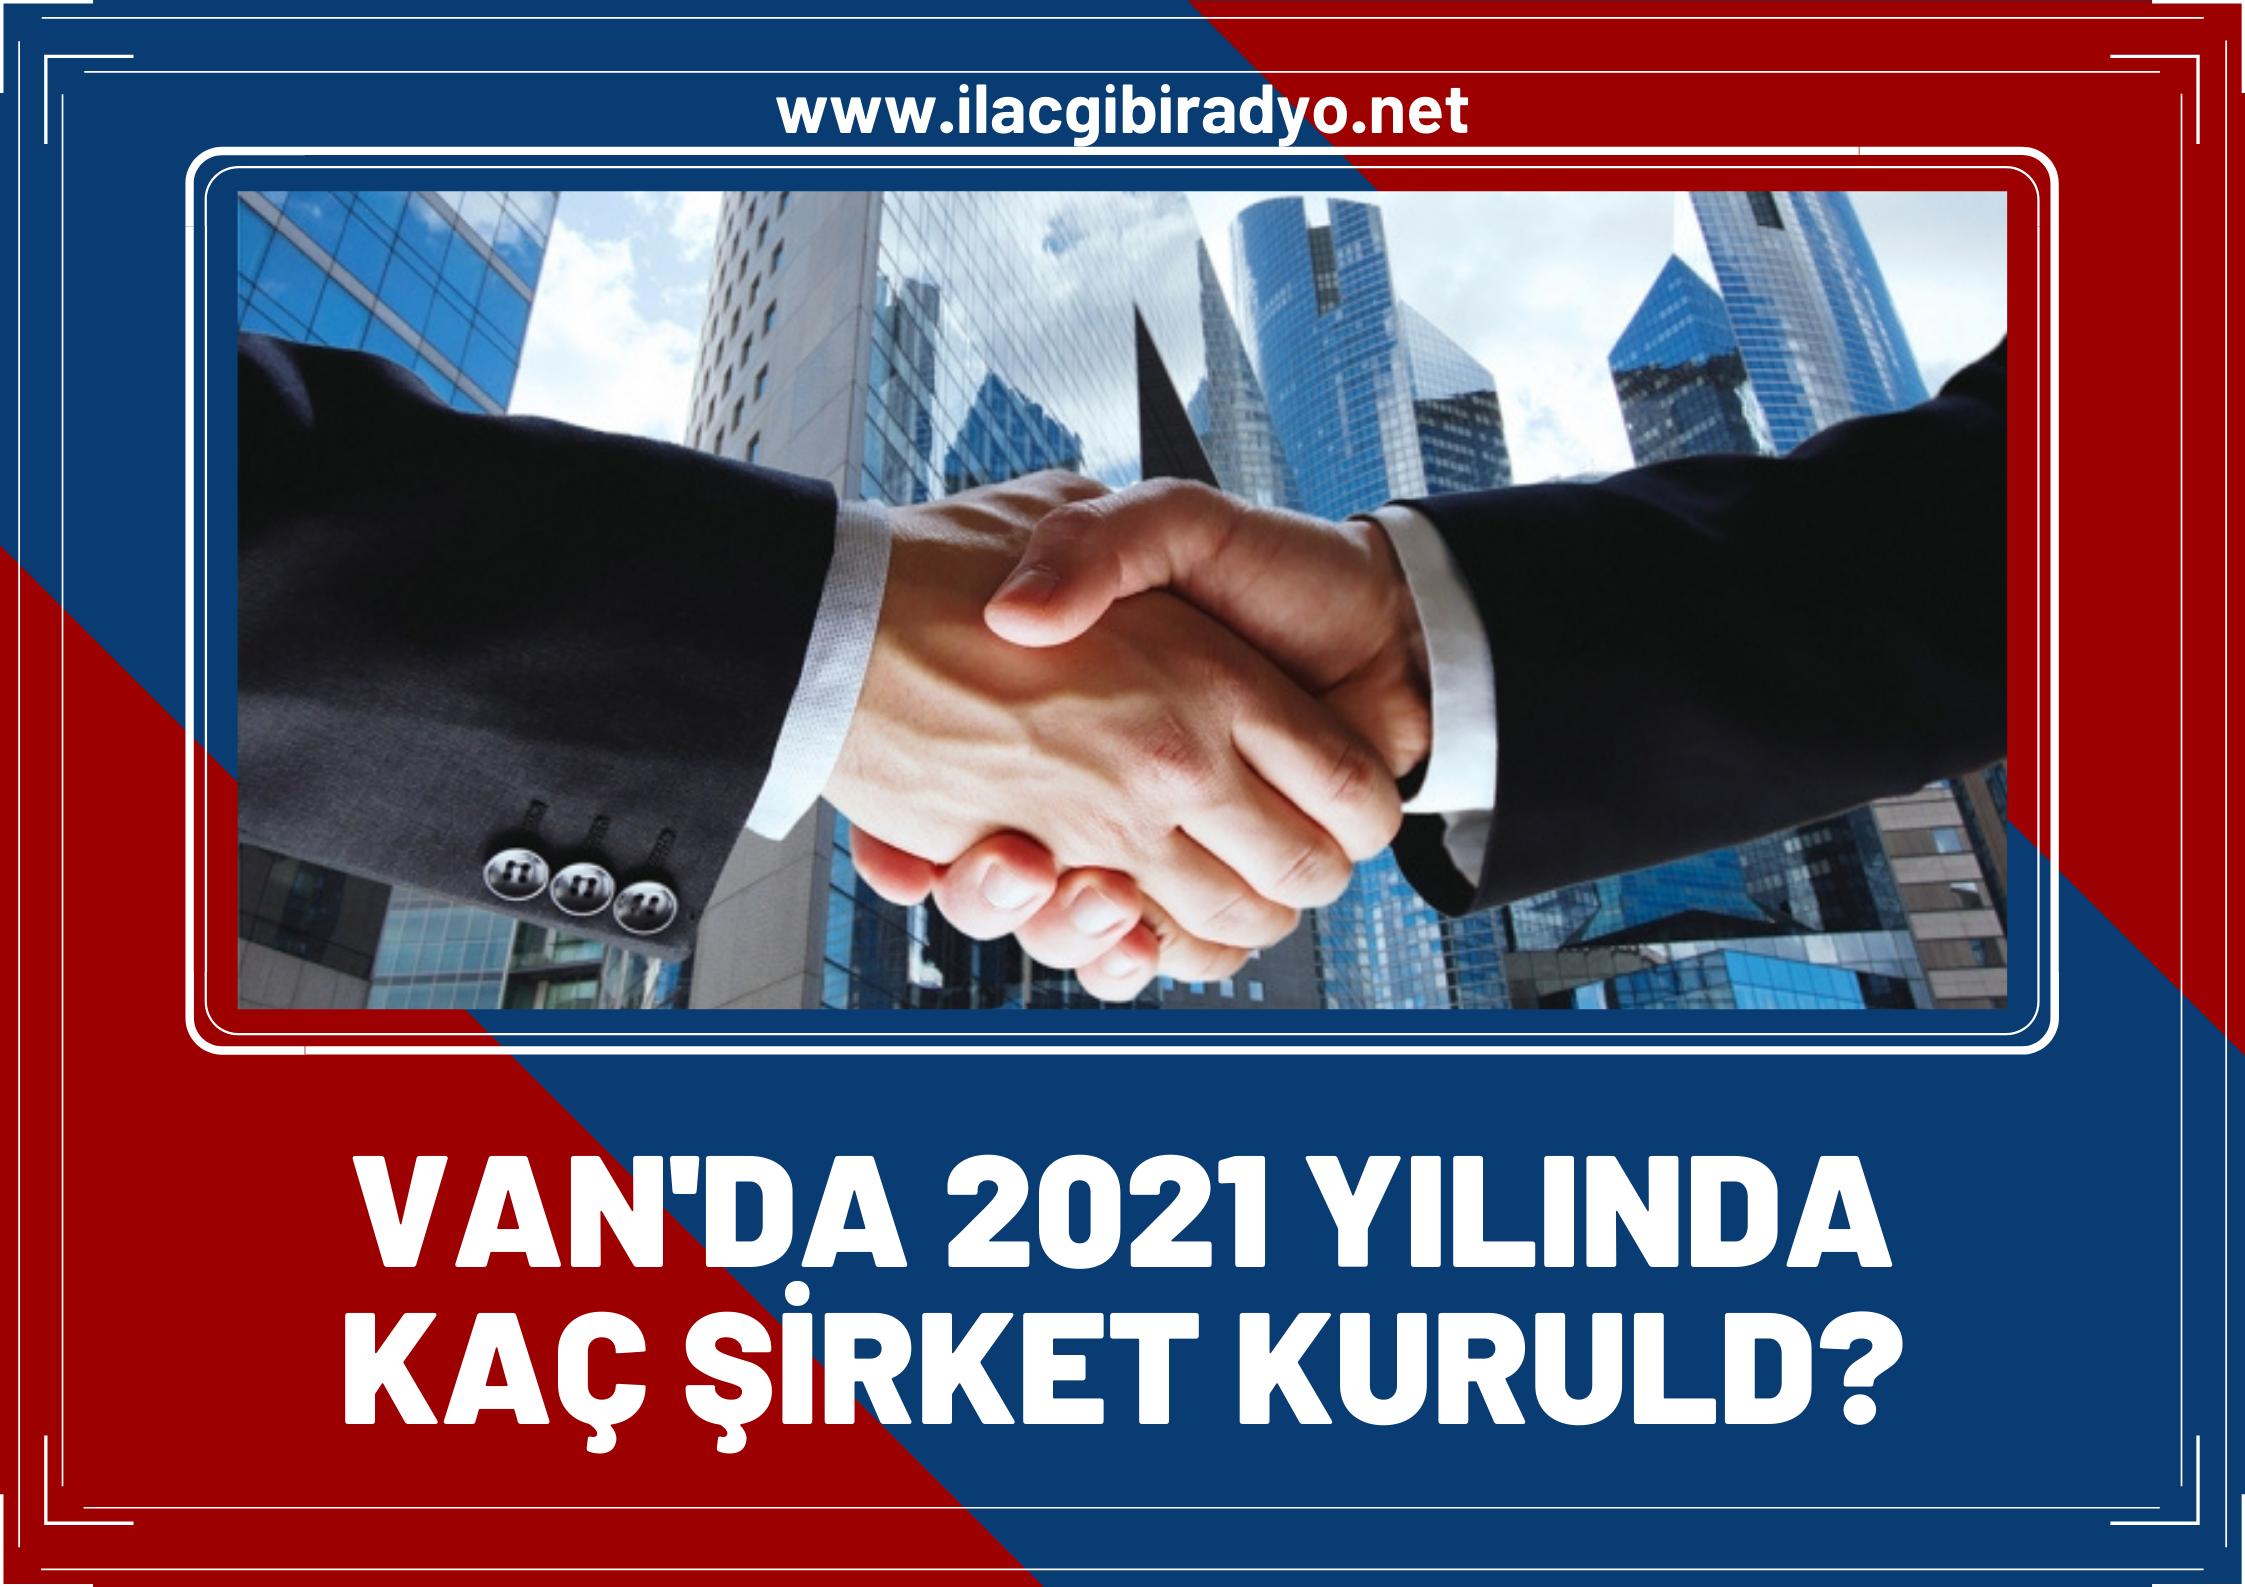 TOBB, 2021 Mayıs ayında Van'da kurulan şirket sayısını açıkladı!